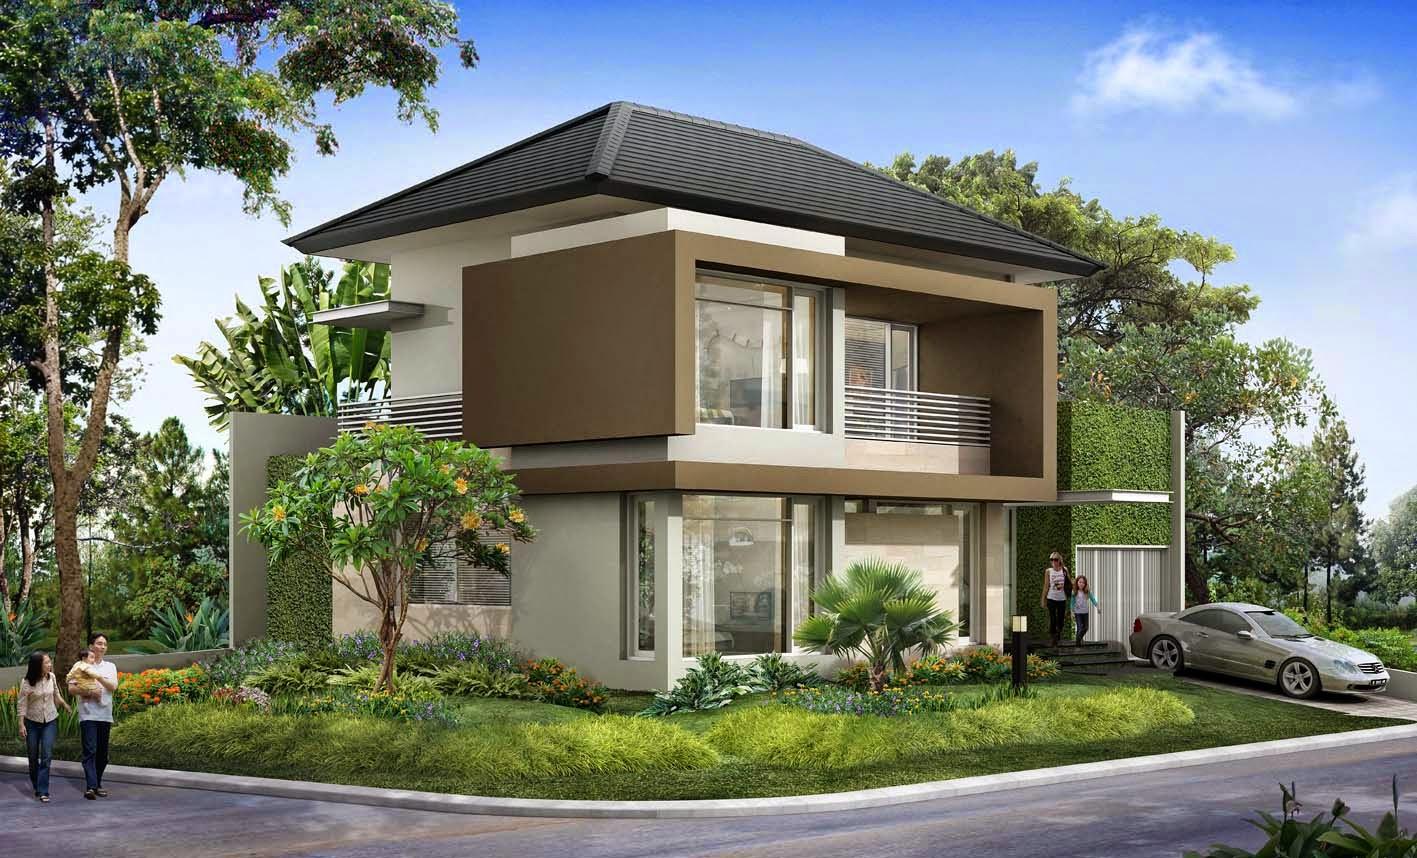 Contoh Gambar Desain Rumah Minimalis 2014